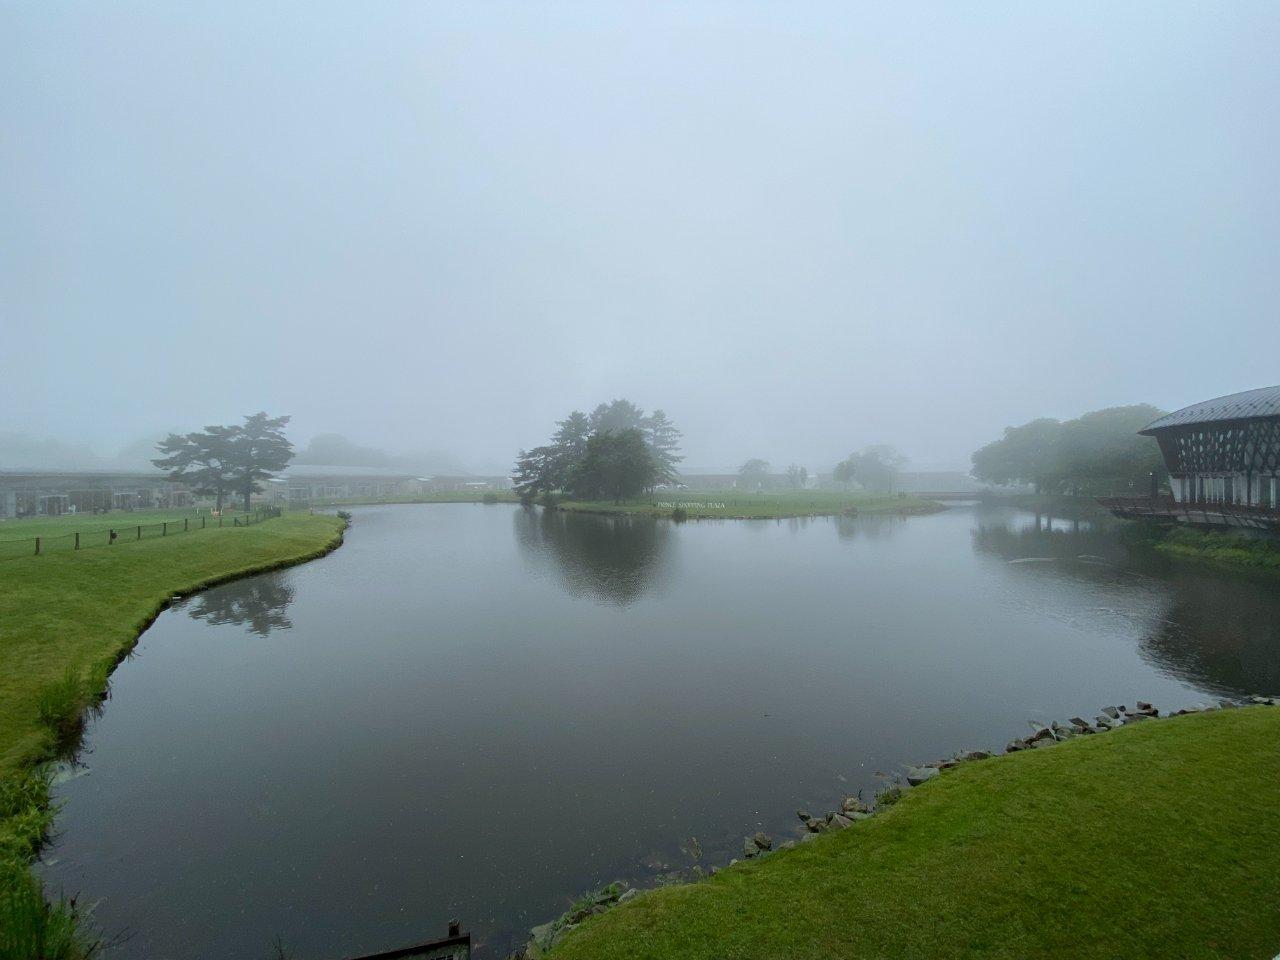 霧の中、軽井沢・プリンスショッピングプラザへ行ってきました